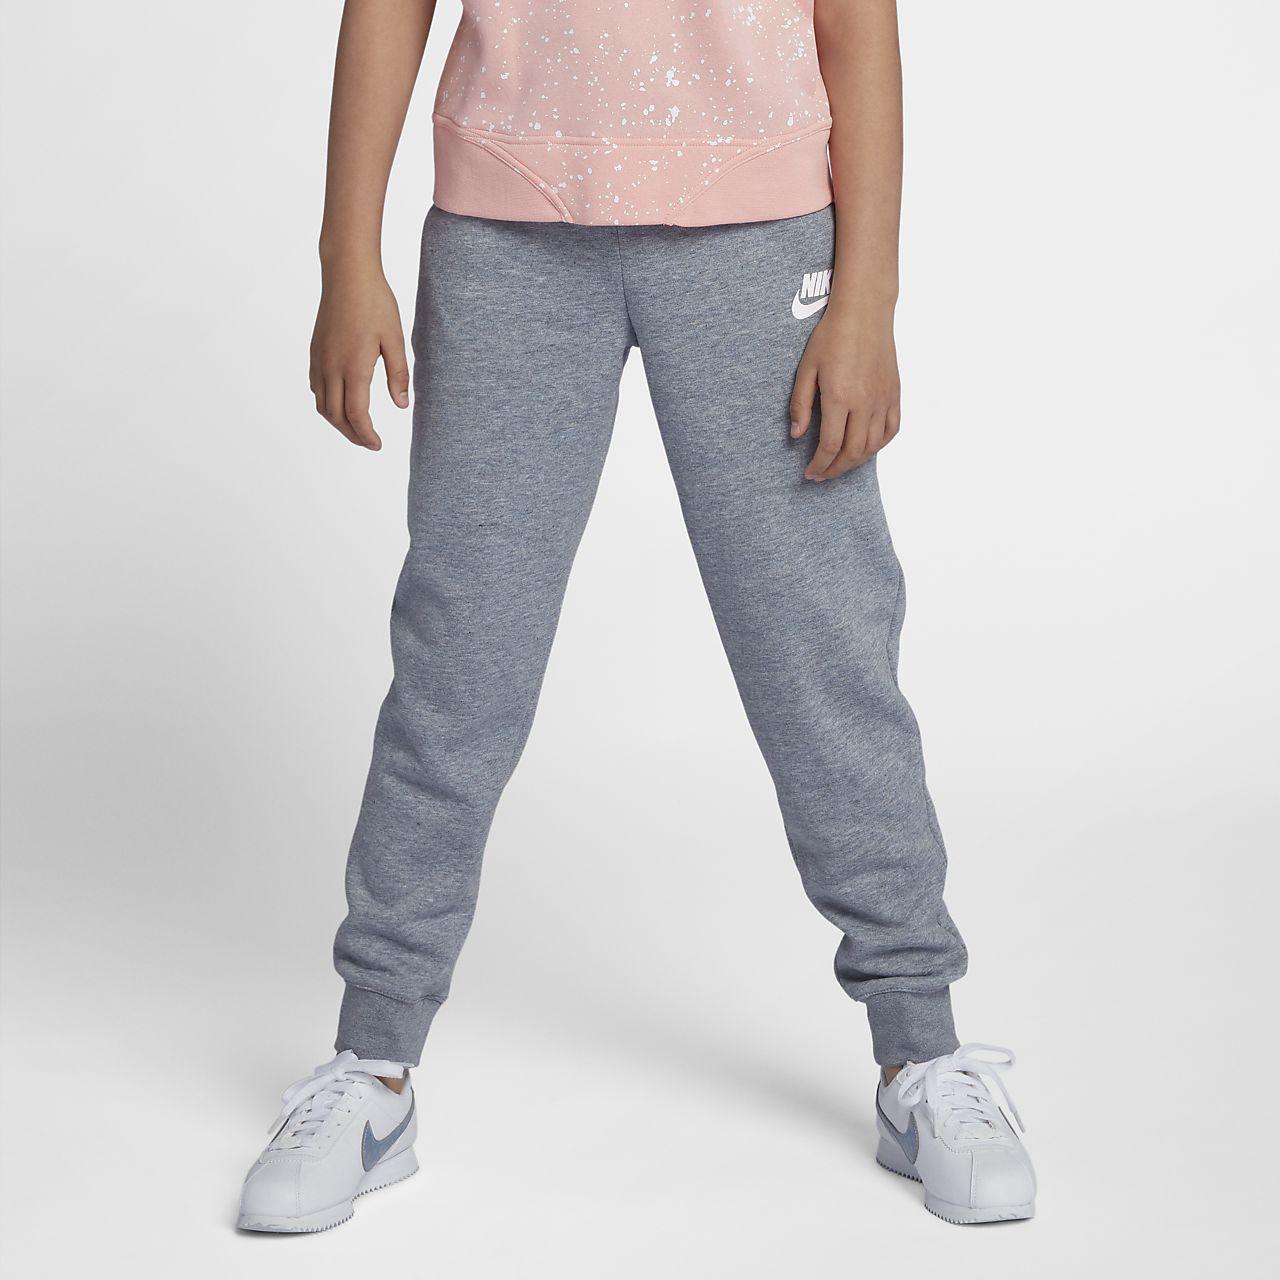 Âgée Pantalon Plus Nike Sportswear Pour Fille 9H2eEIDWYb